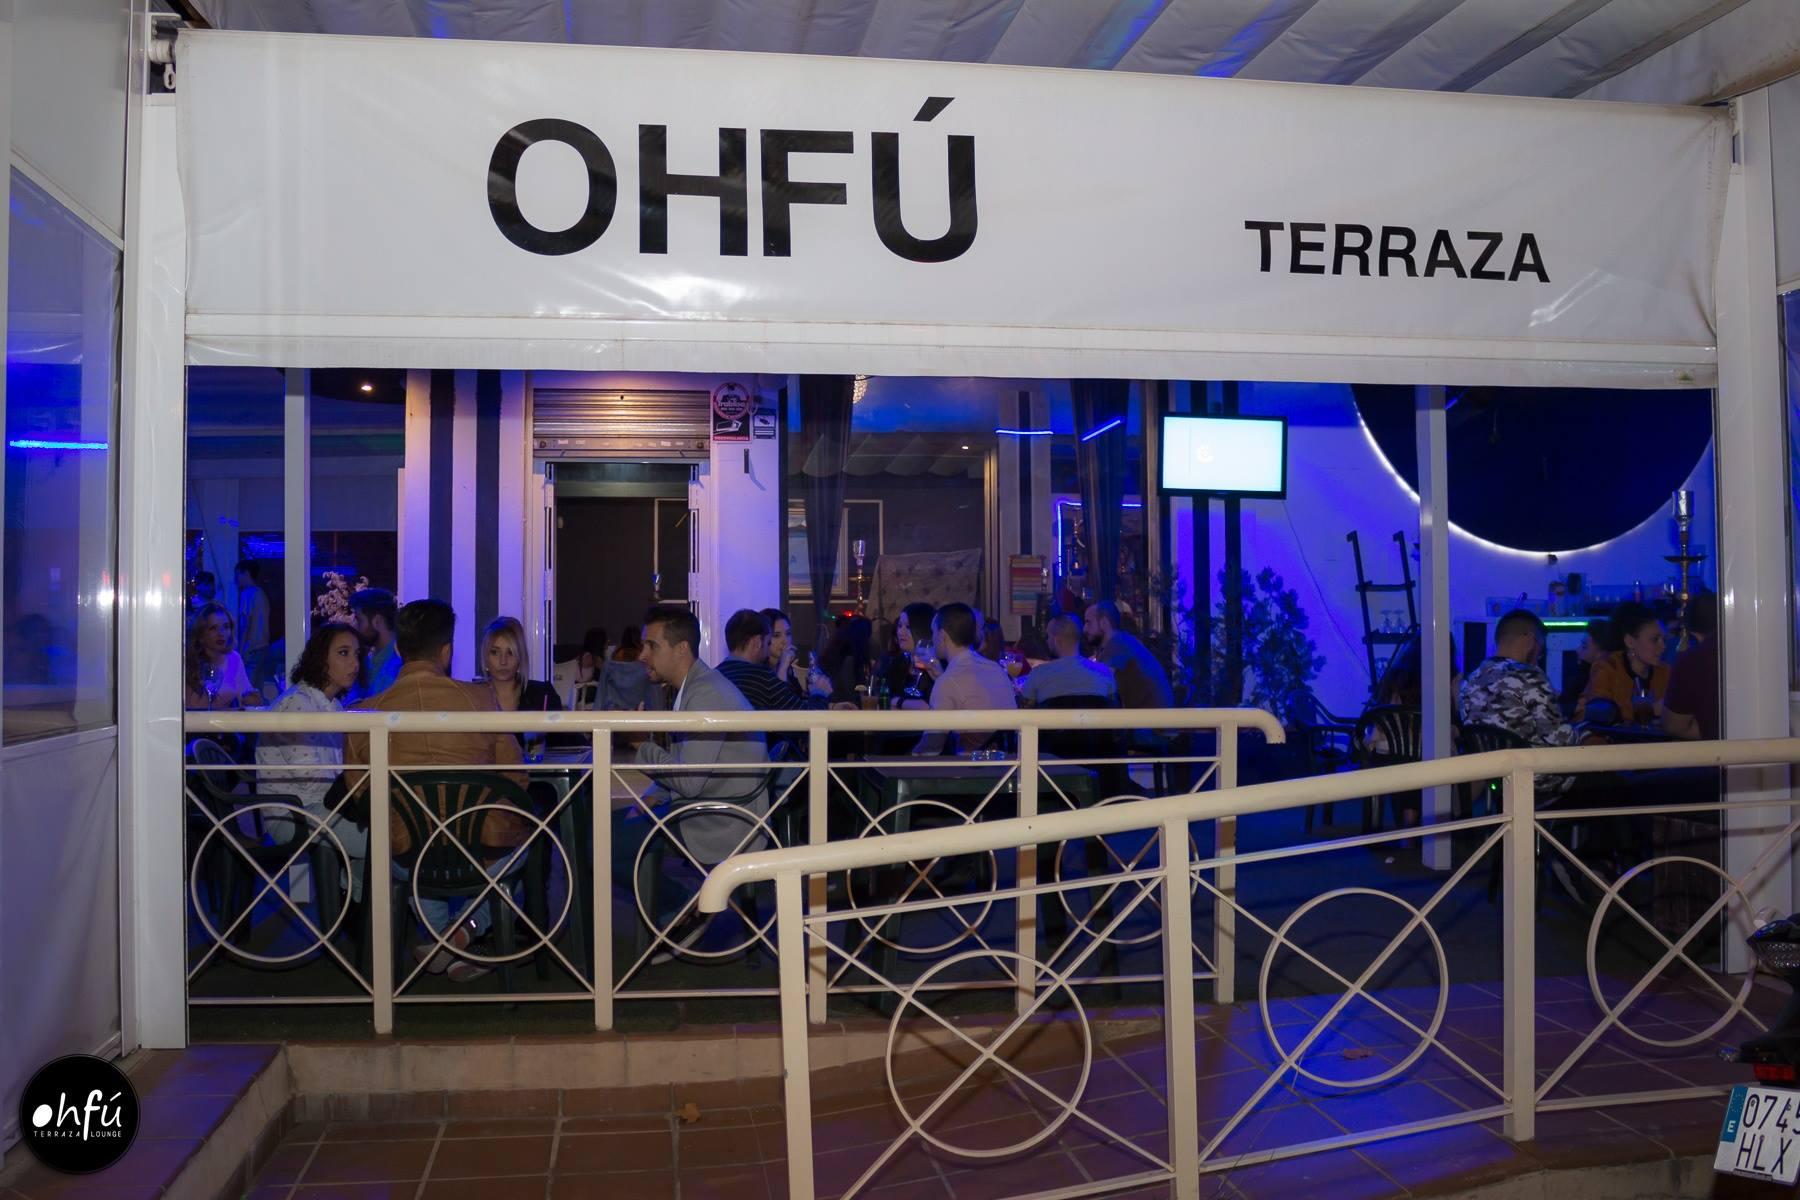 Ohfú Terraza Lounge With Shisha And Terrace In Sevilla